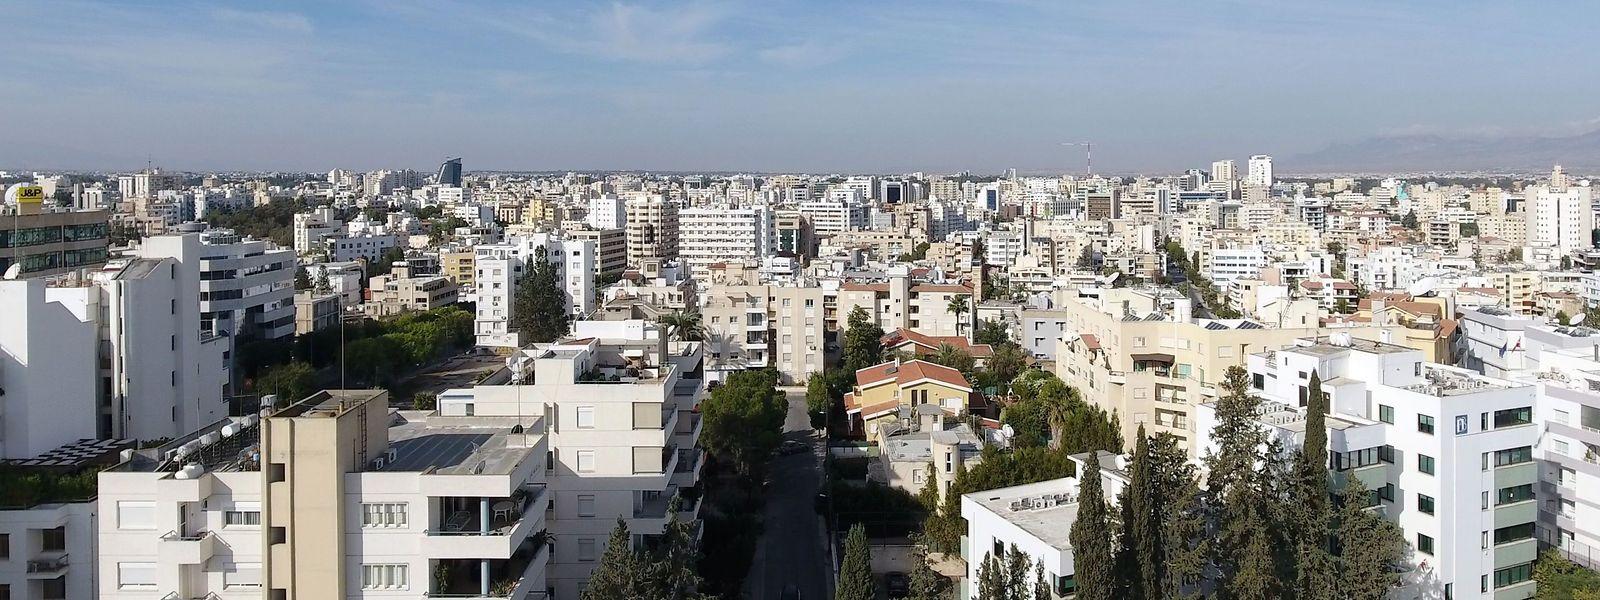 Ein Blick auf die Hauptstadt Nicosia: Der zyprische Pass ist begehrt, weil die Mittelmeerinsel seit 2004 Mitglied der EU ist.